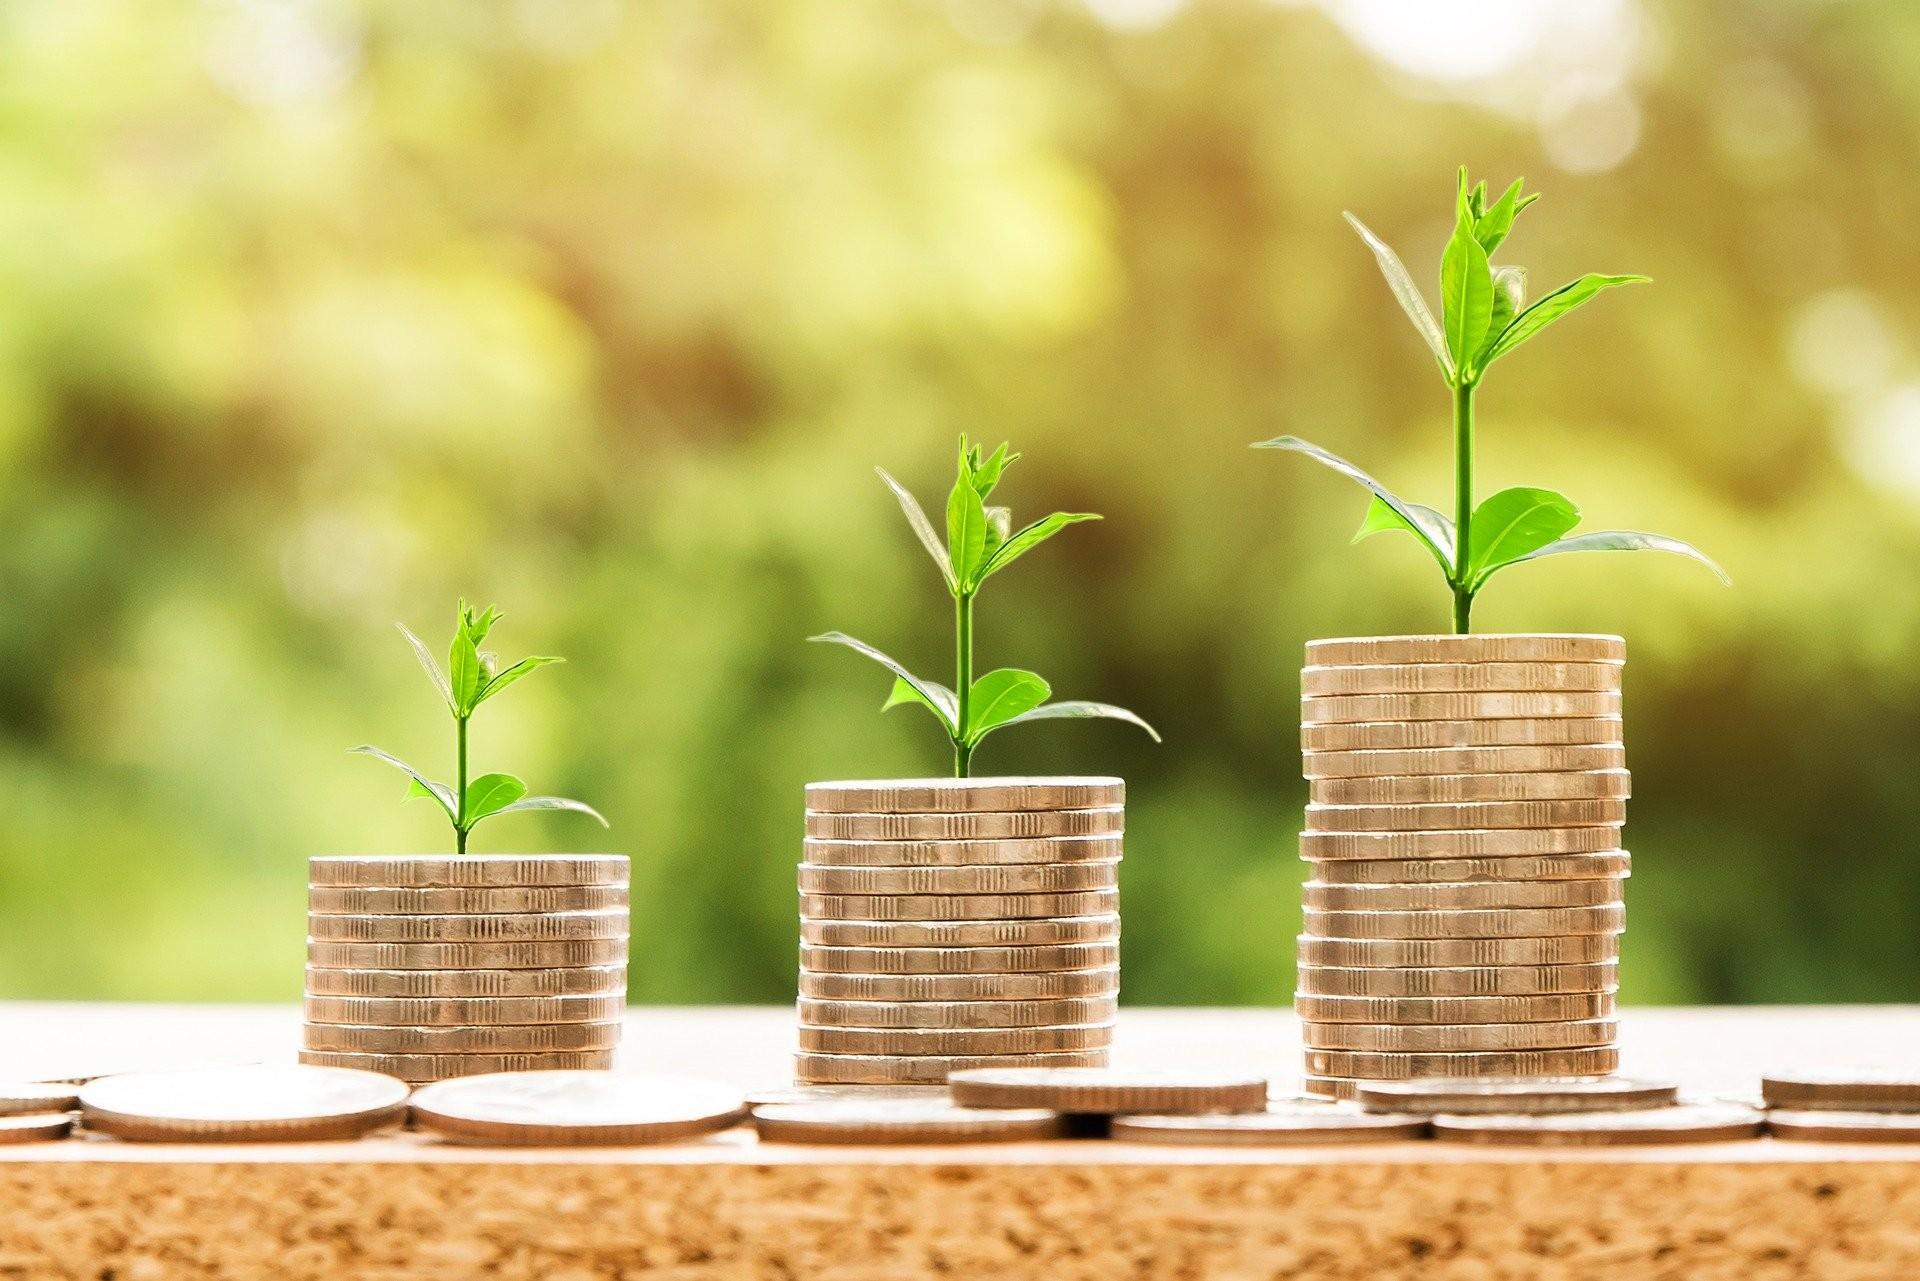 ▲儲蓄,理財,存錢,記帳,消費,財務,股市,投資,金錢。(圖/pixabay)